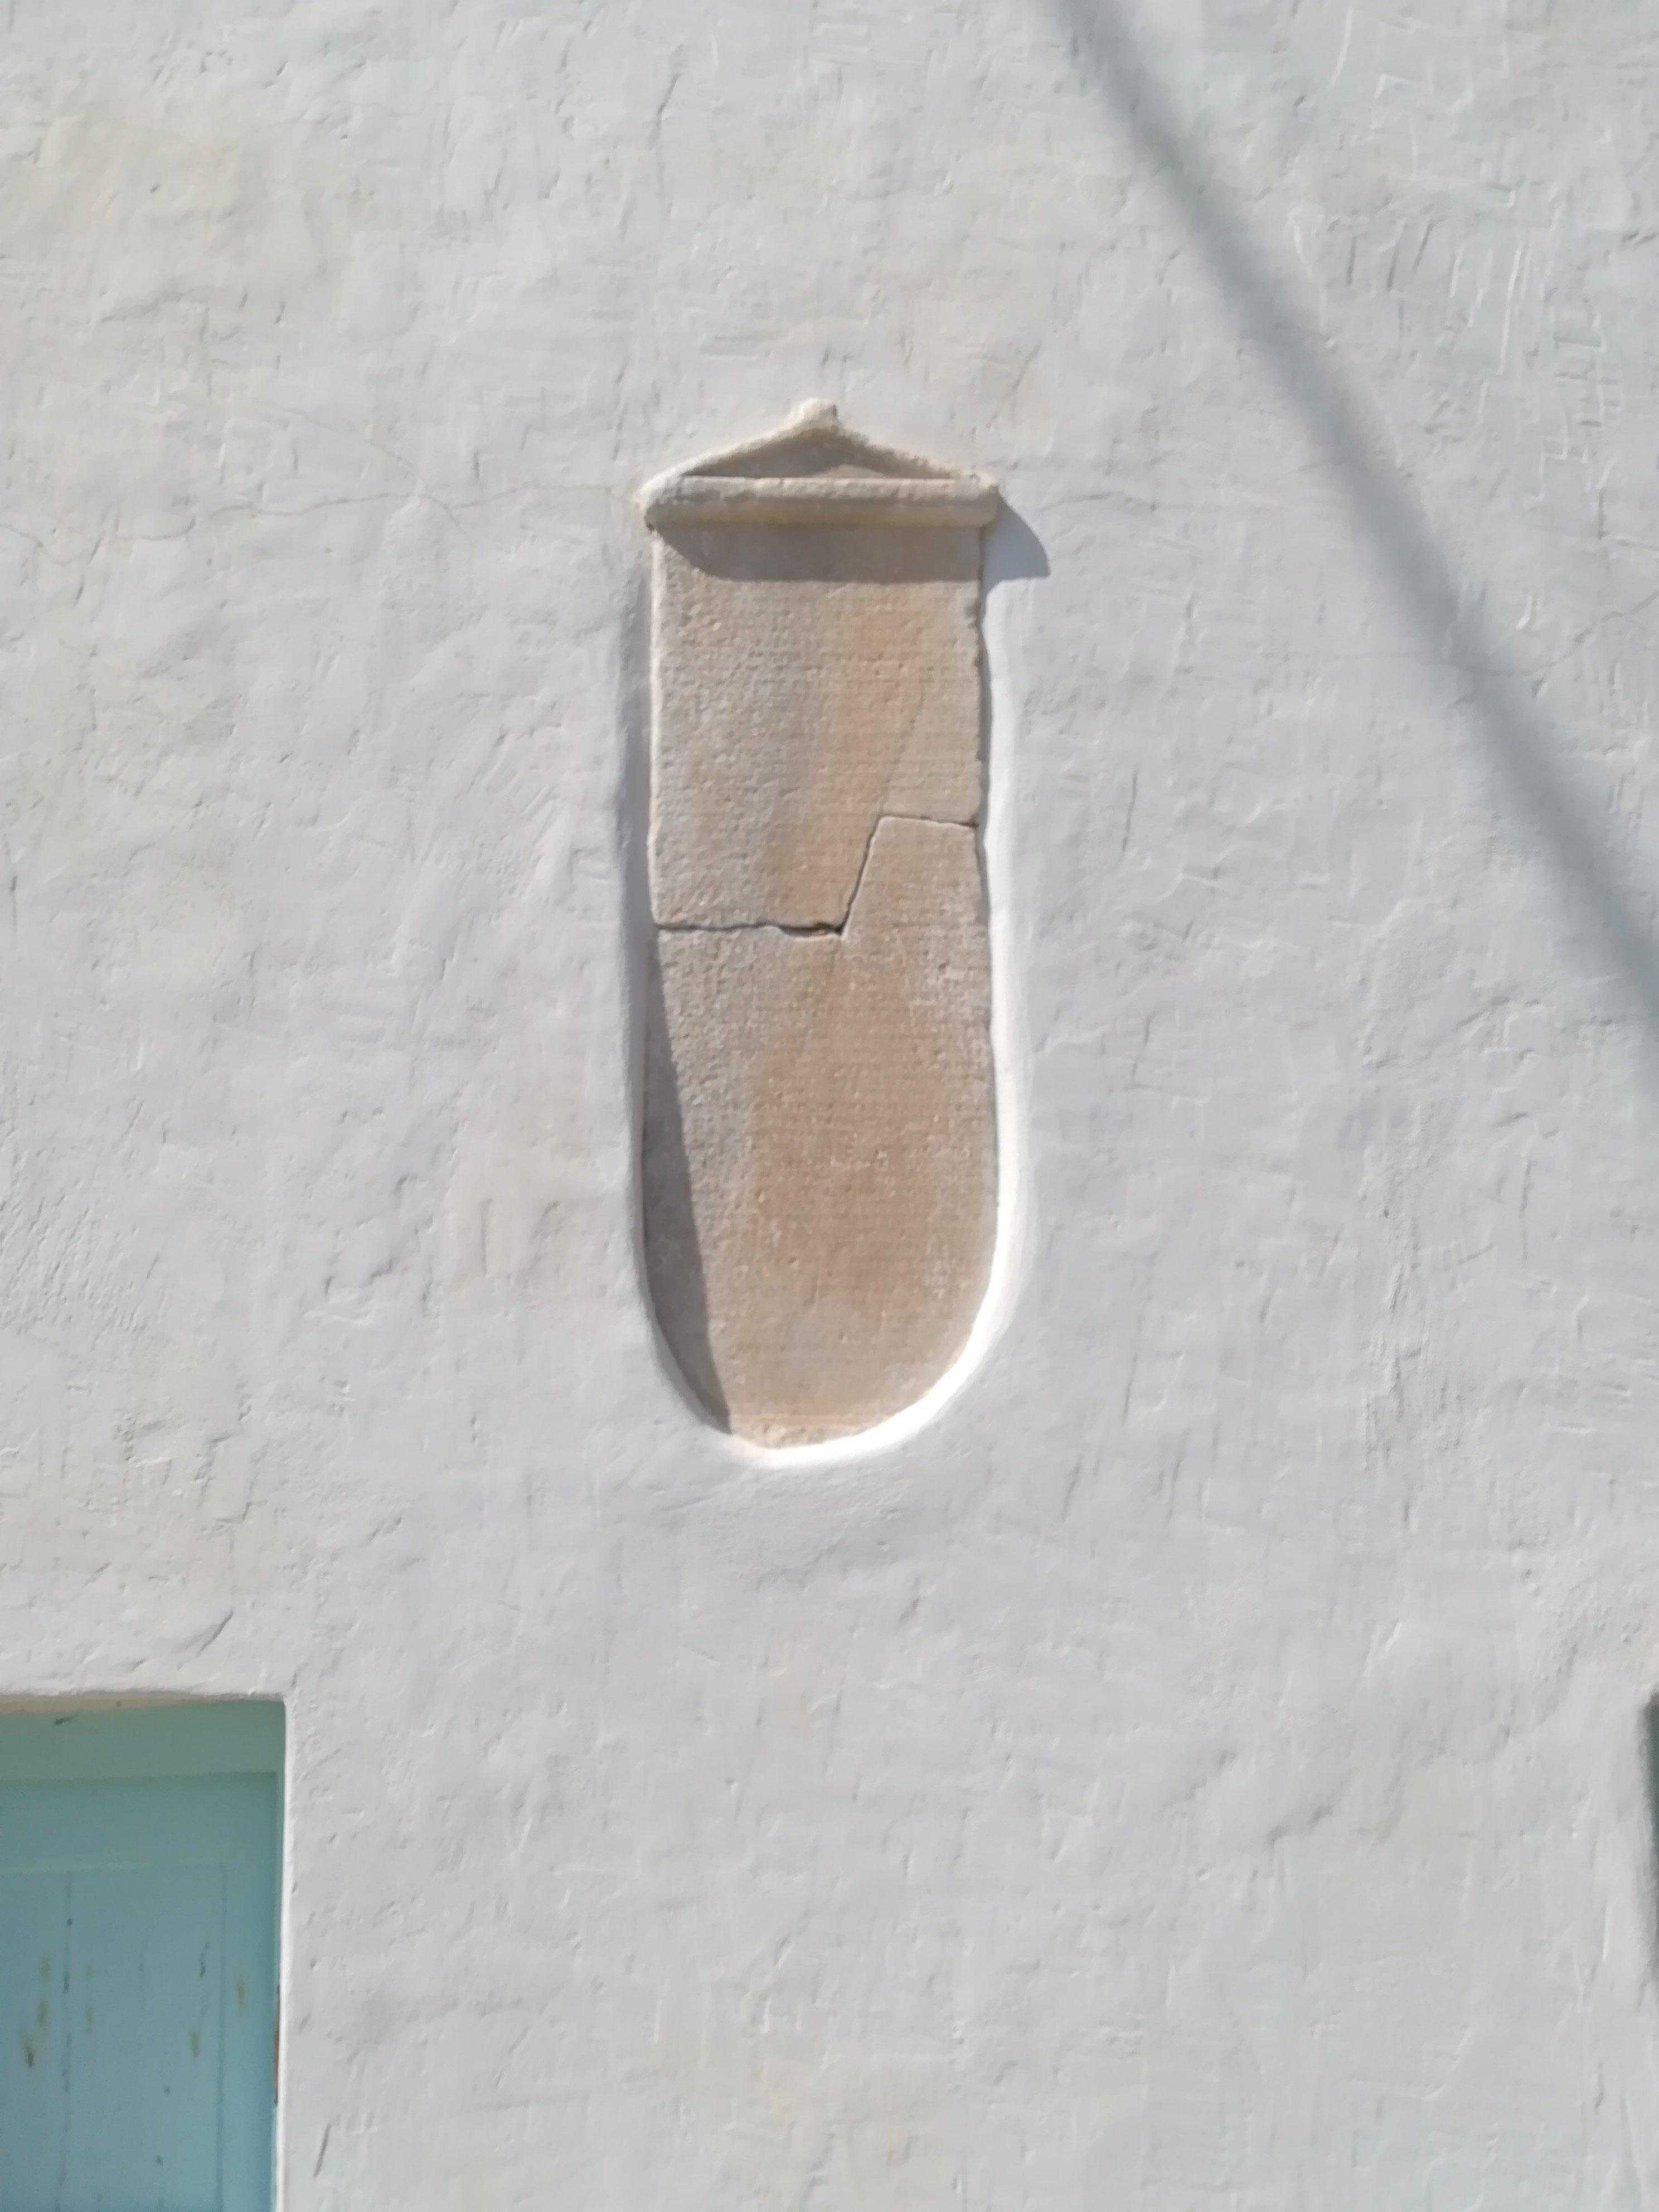 Κείμενο - κλειδί για την ιστορία του Αιγαίου τον 3ο αι. π.Χ. βρέθηκε εντοιχισμένο σε